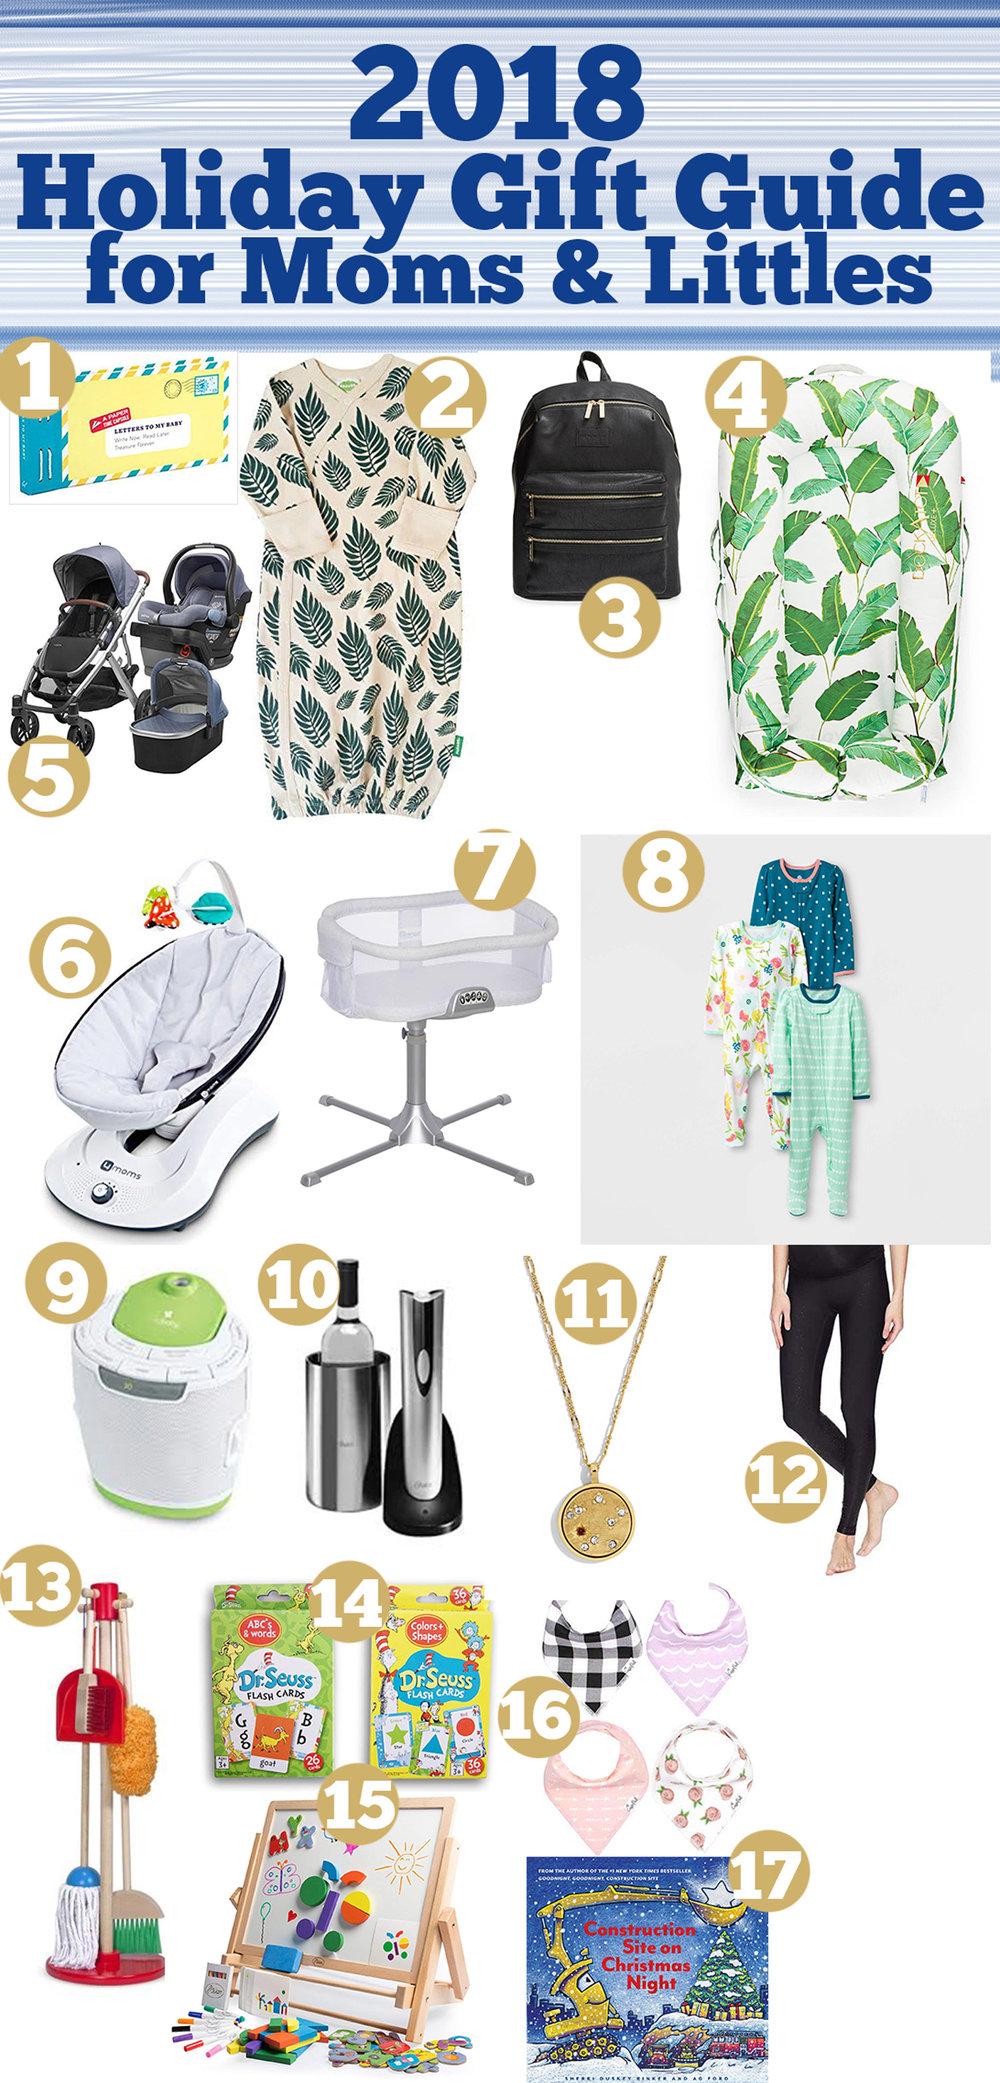 holiday-gift-guide-2018-moms-little.jpg